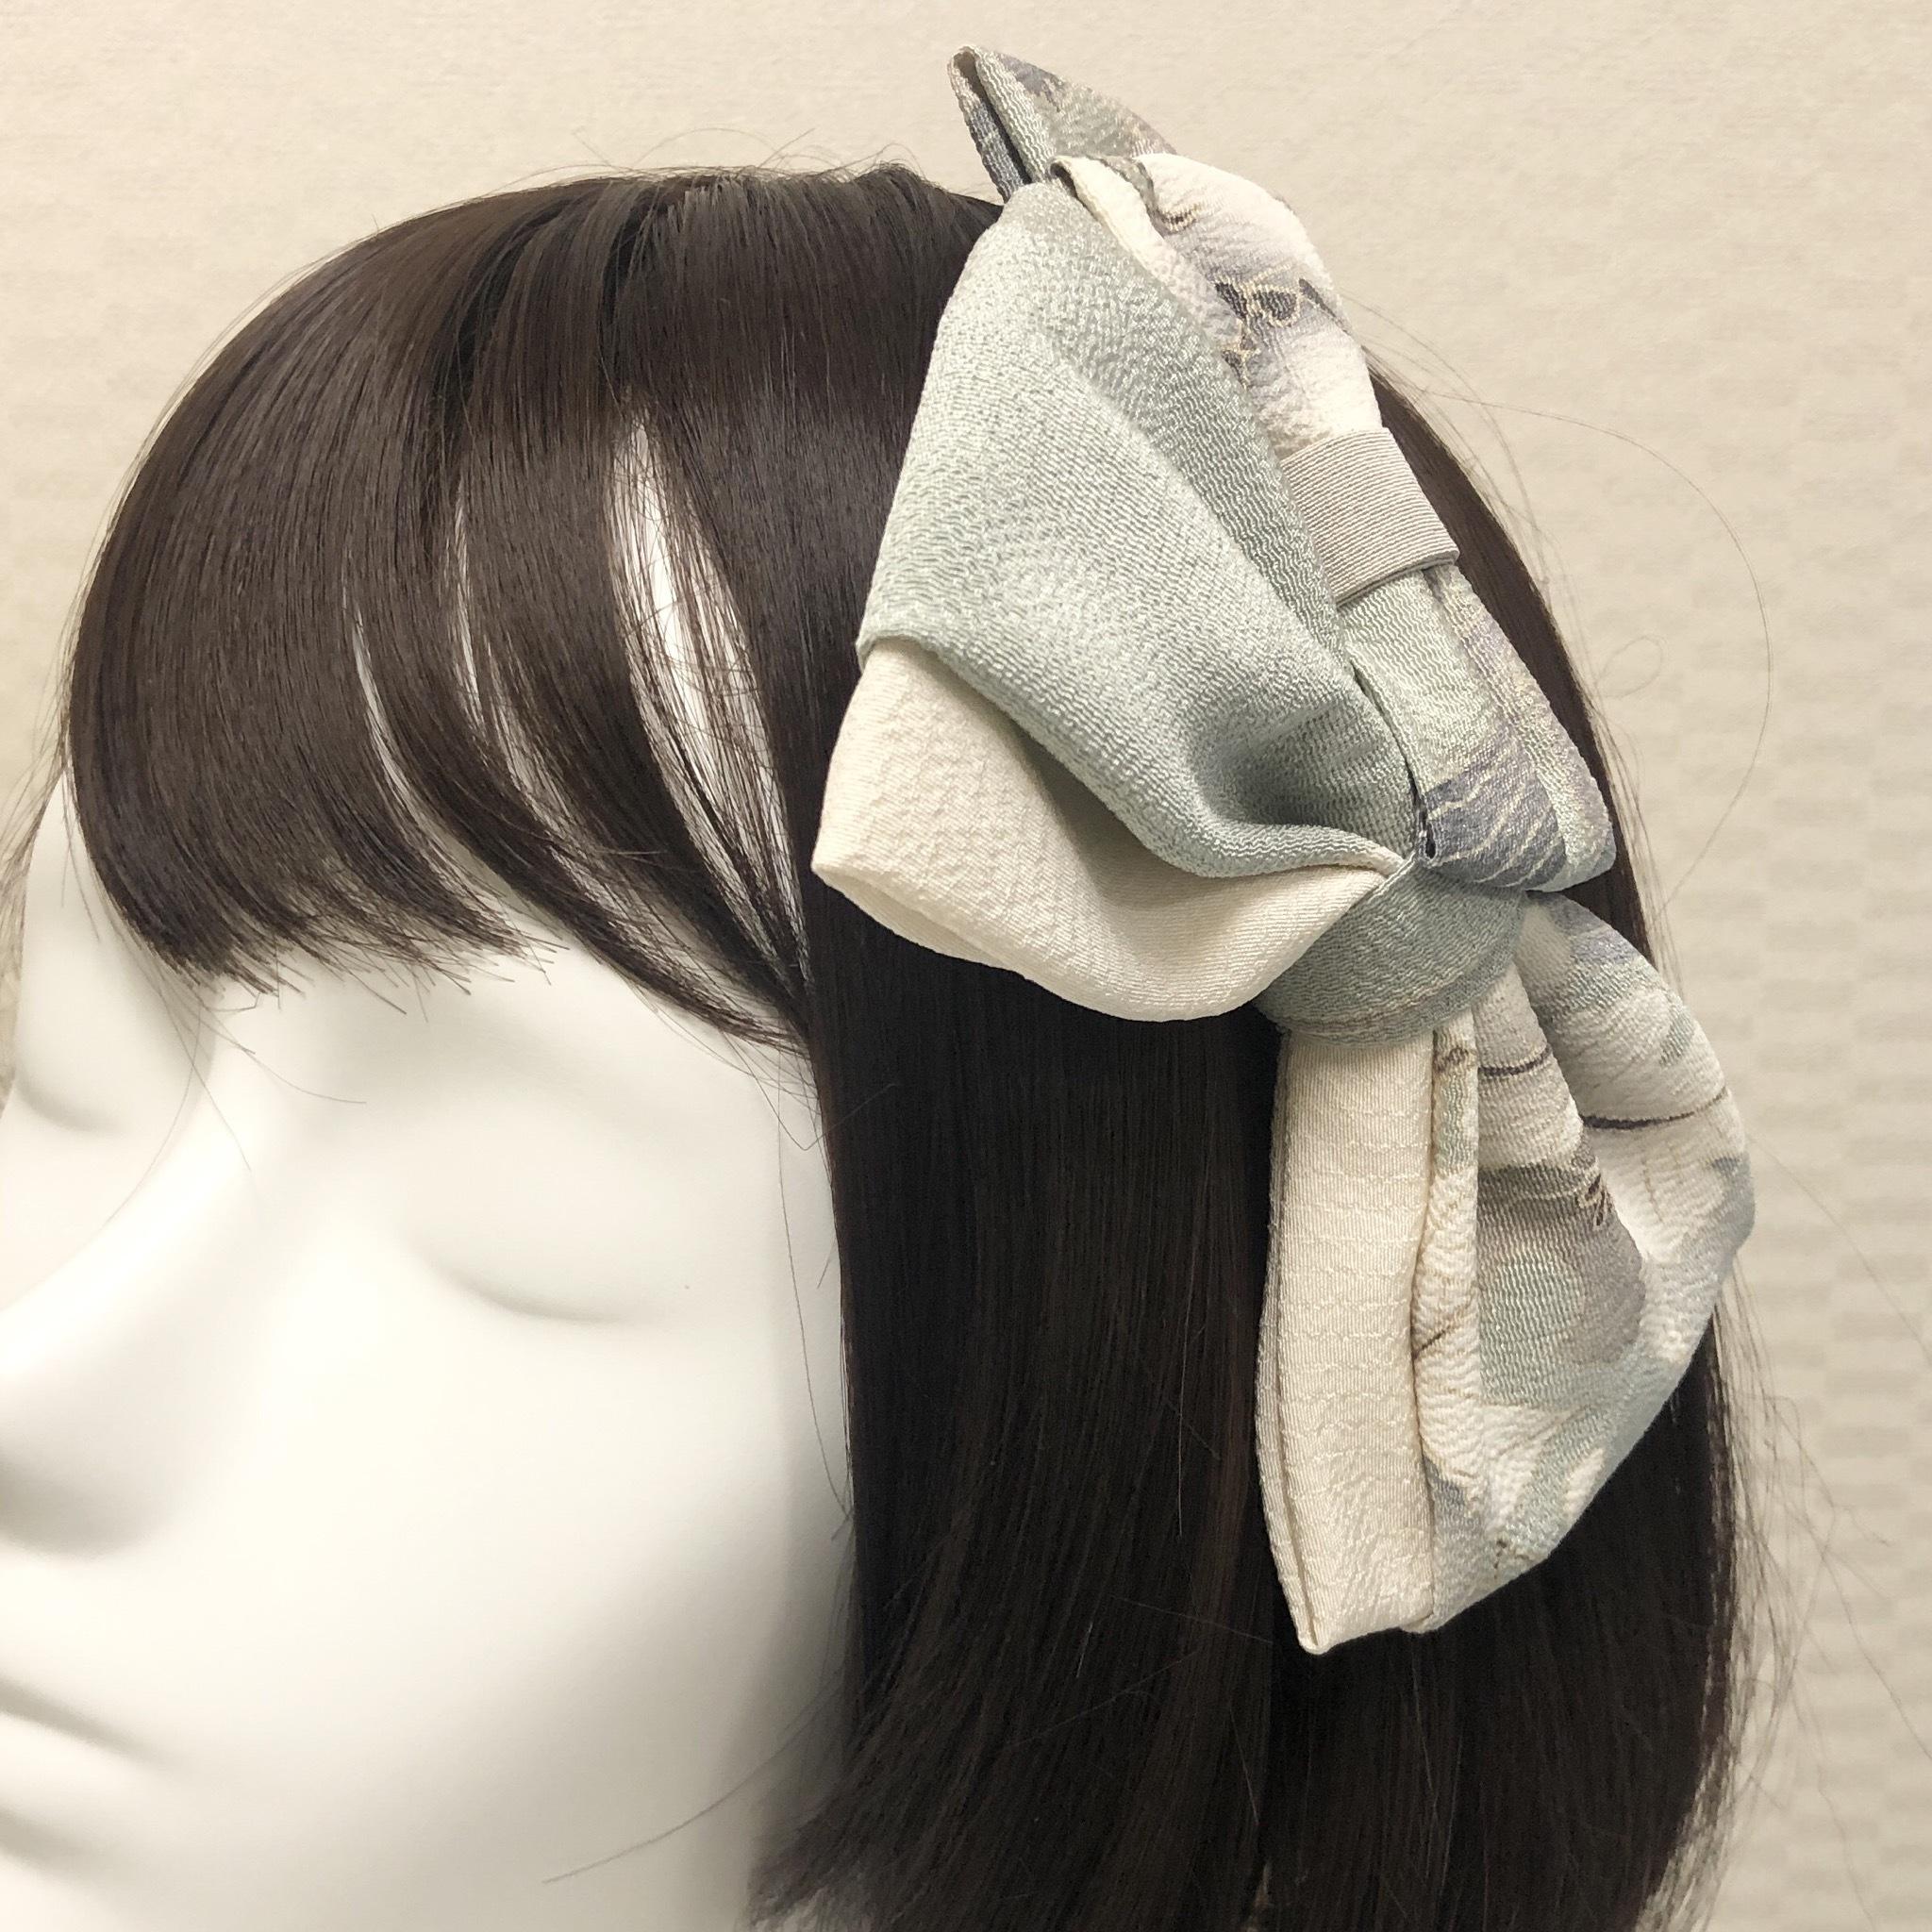 ヘッドドレス(リボンコンビ/No.1)